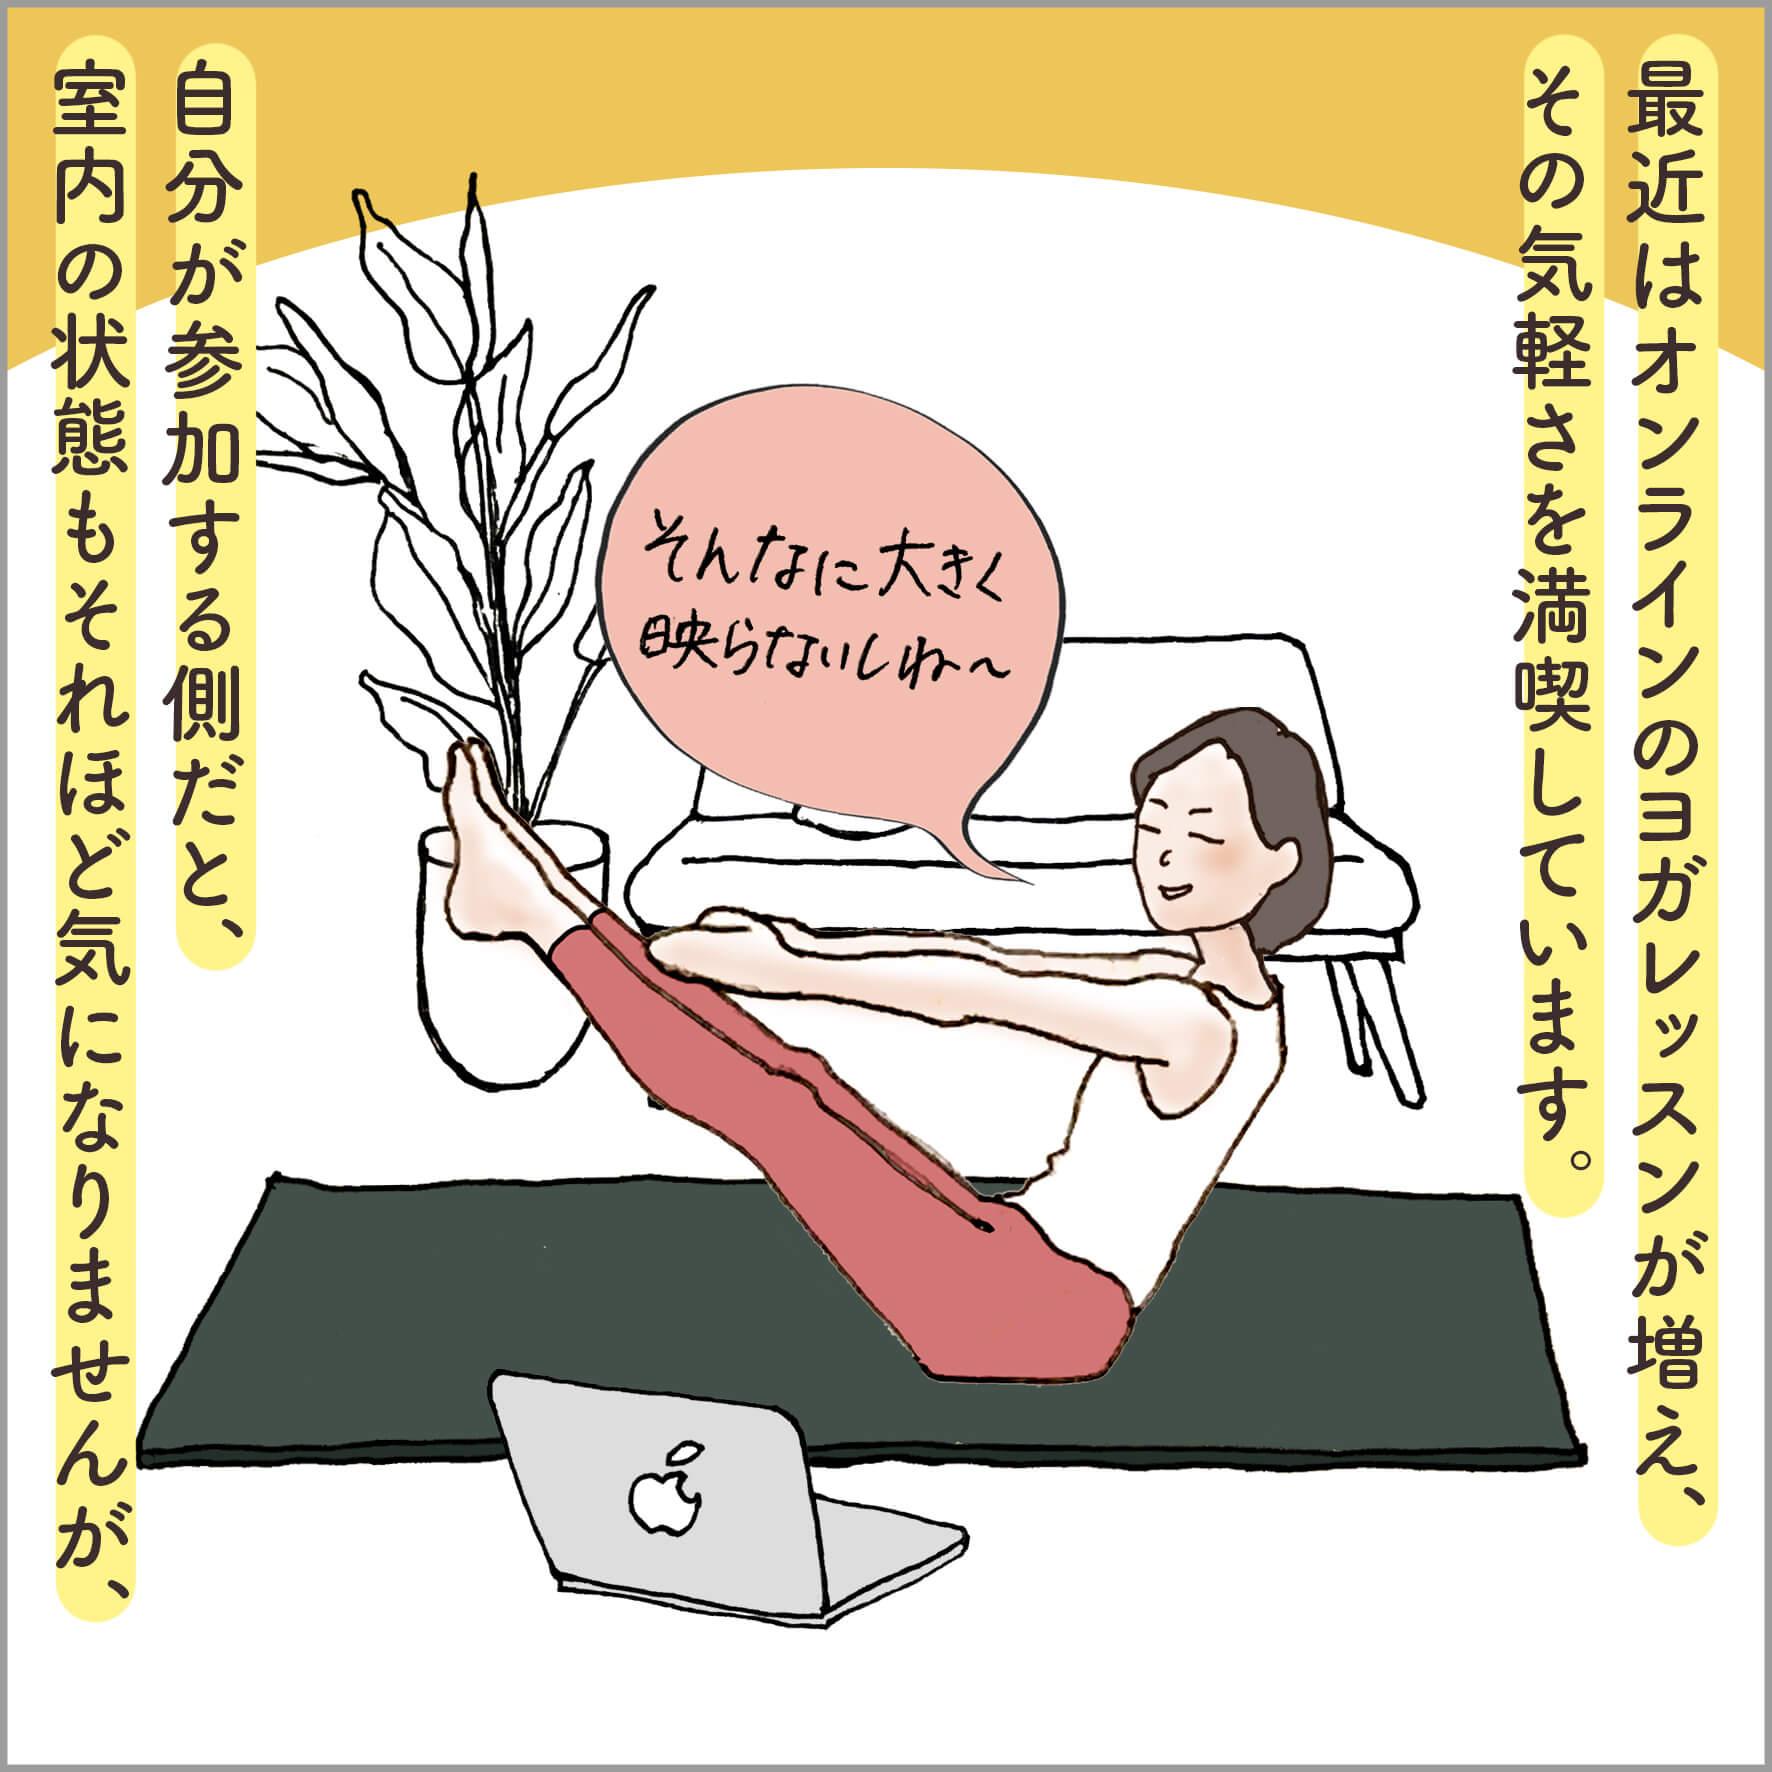 パソコンでオンラインヨガを楽しむ主人公